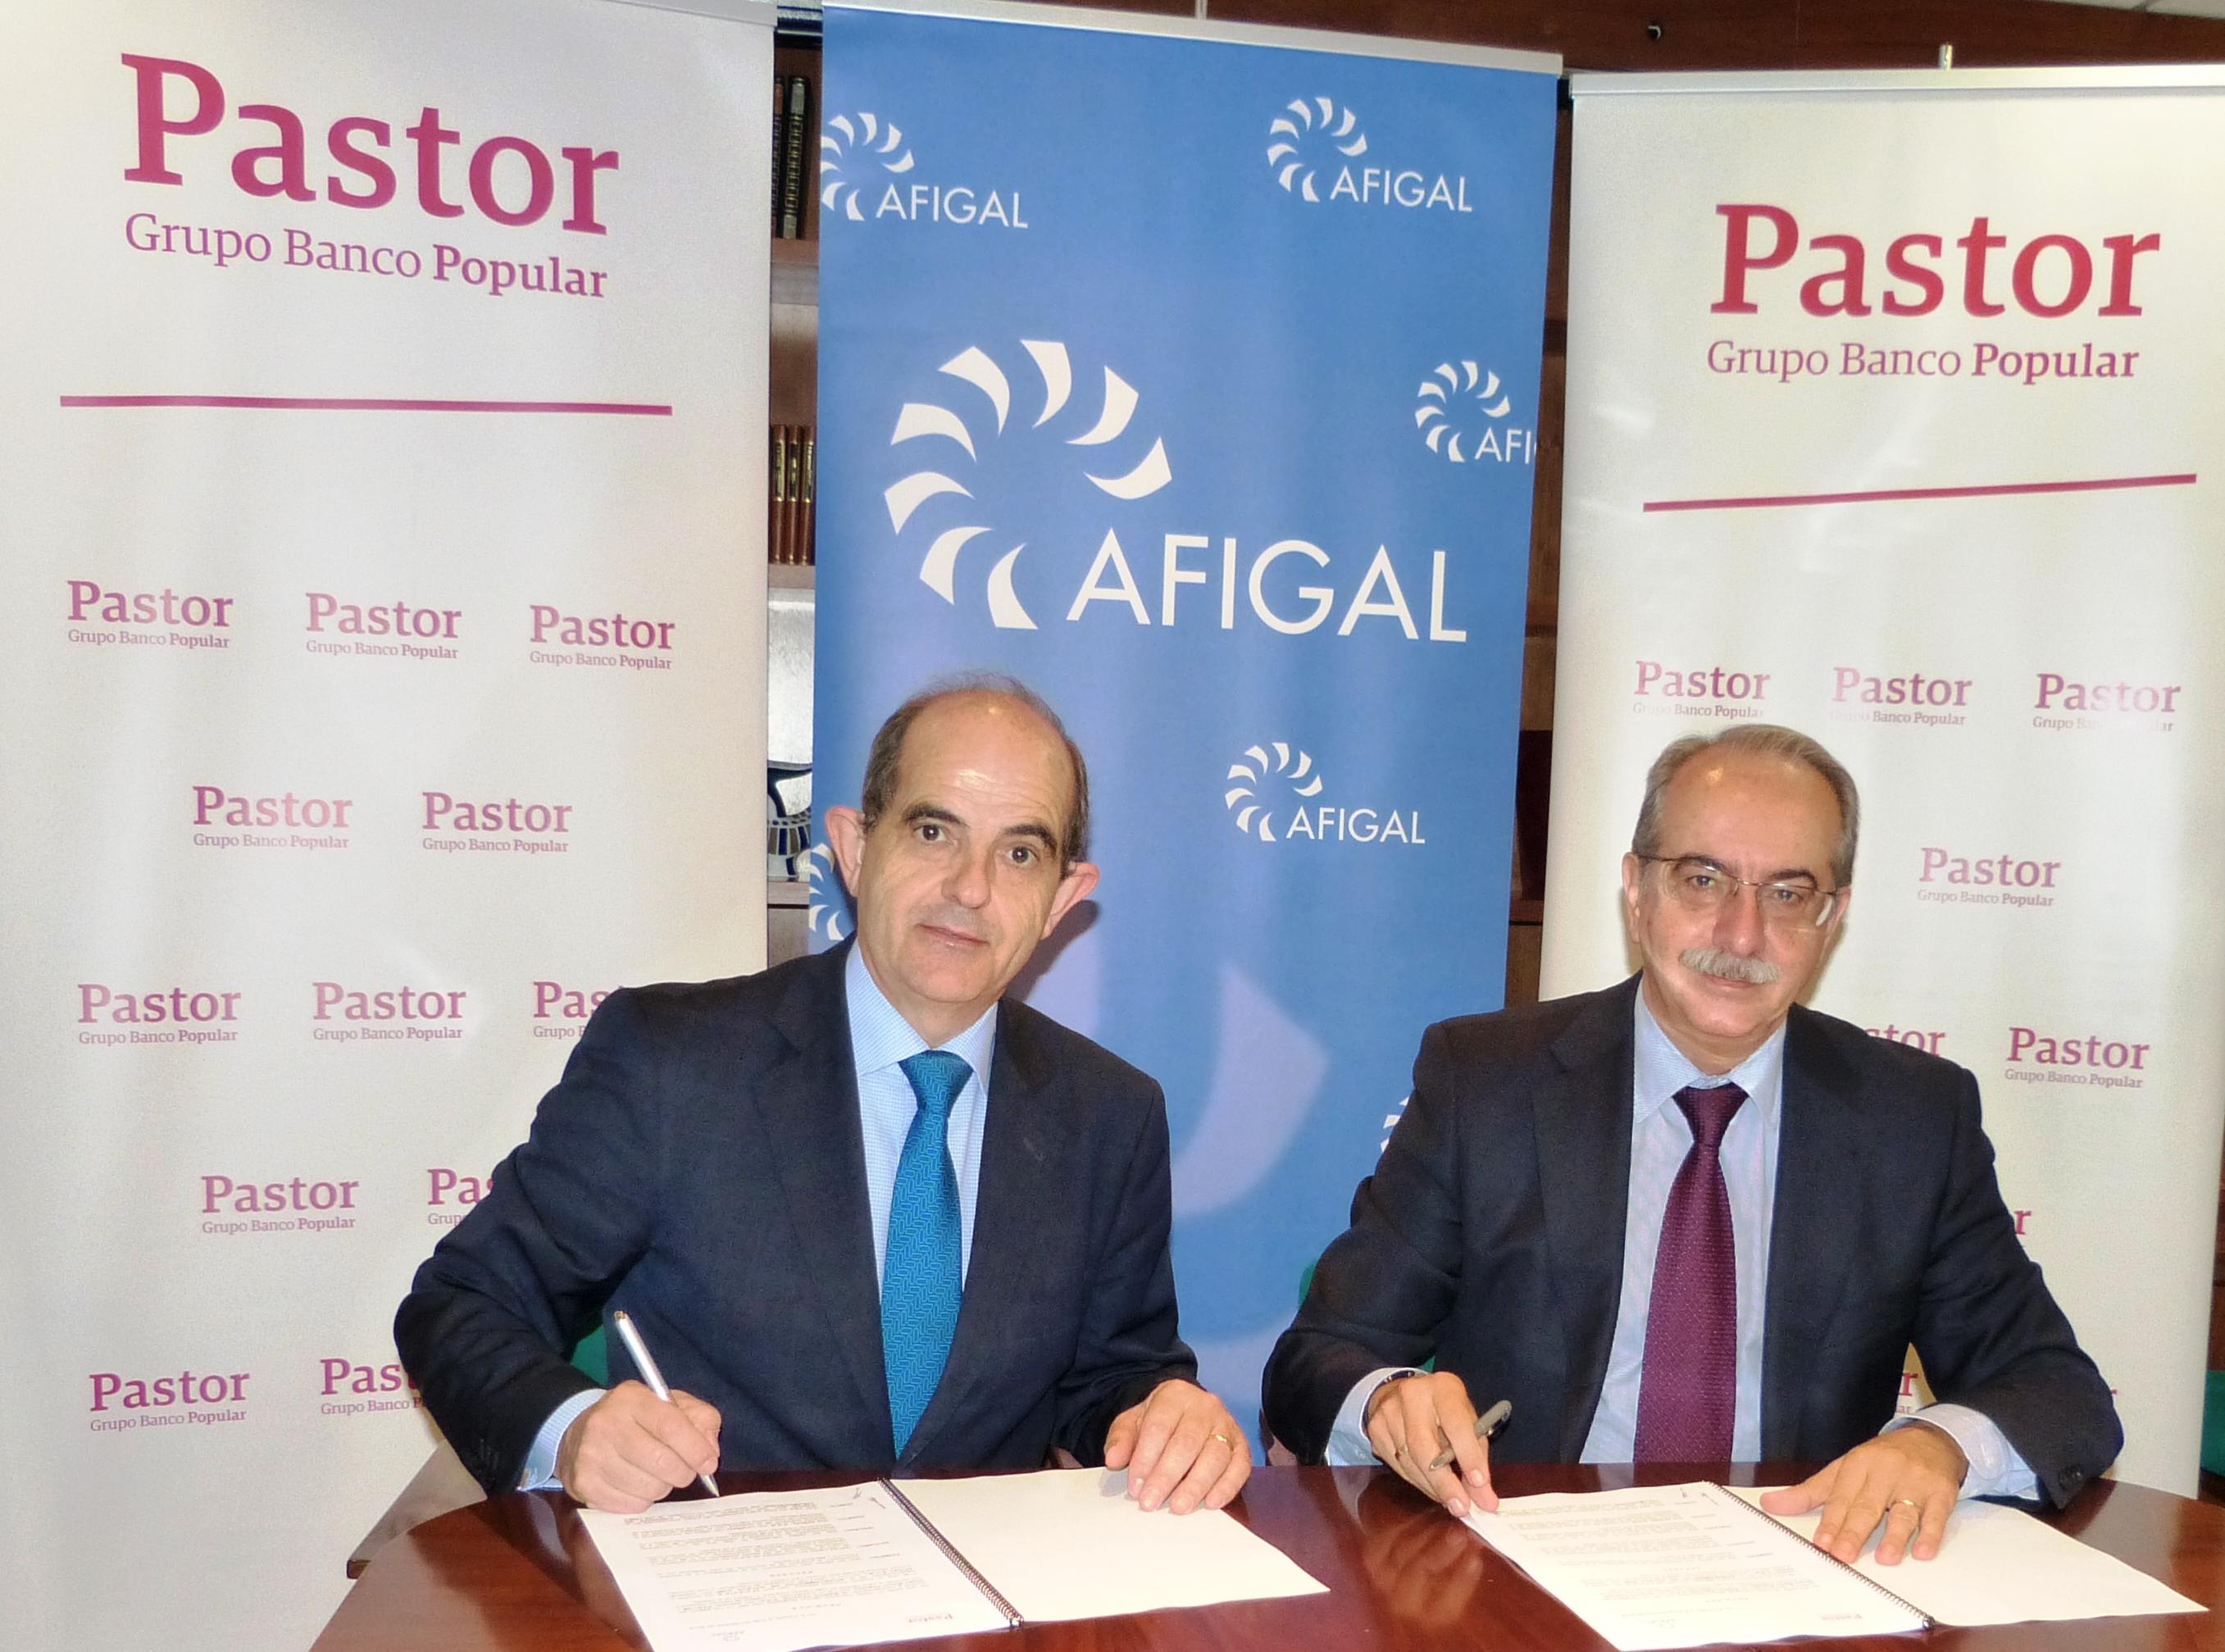 Banco Pastor y Afigal renuevan su colaboración